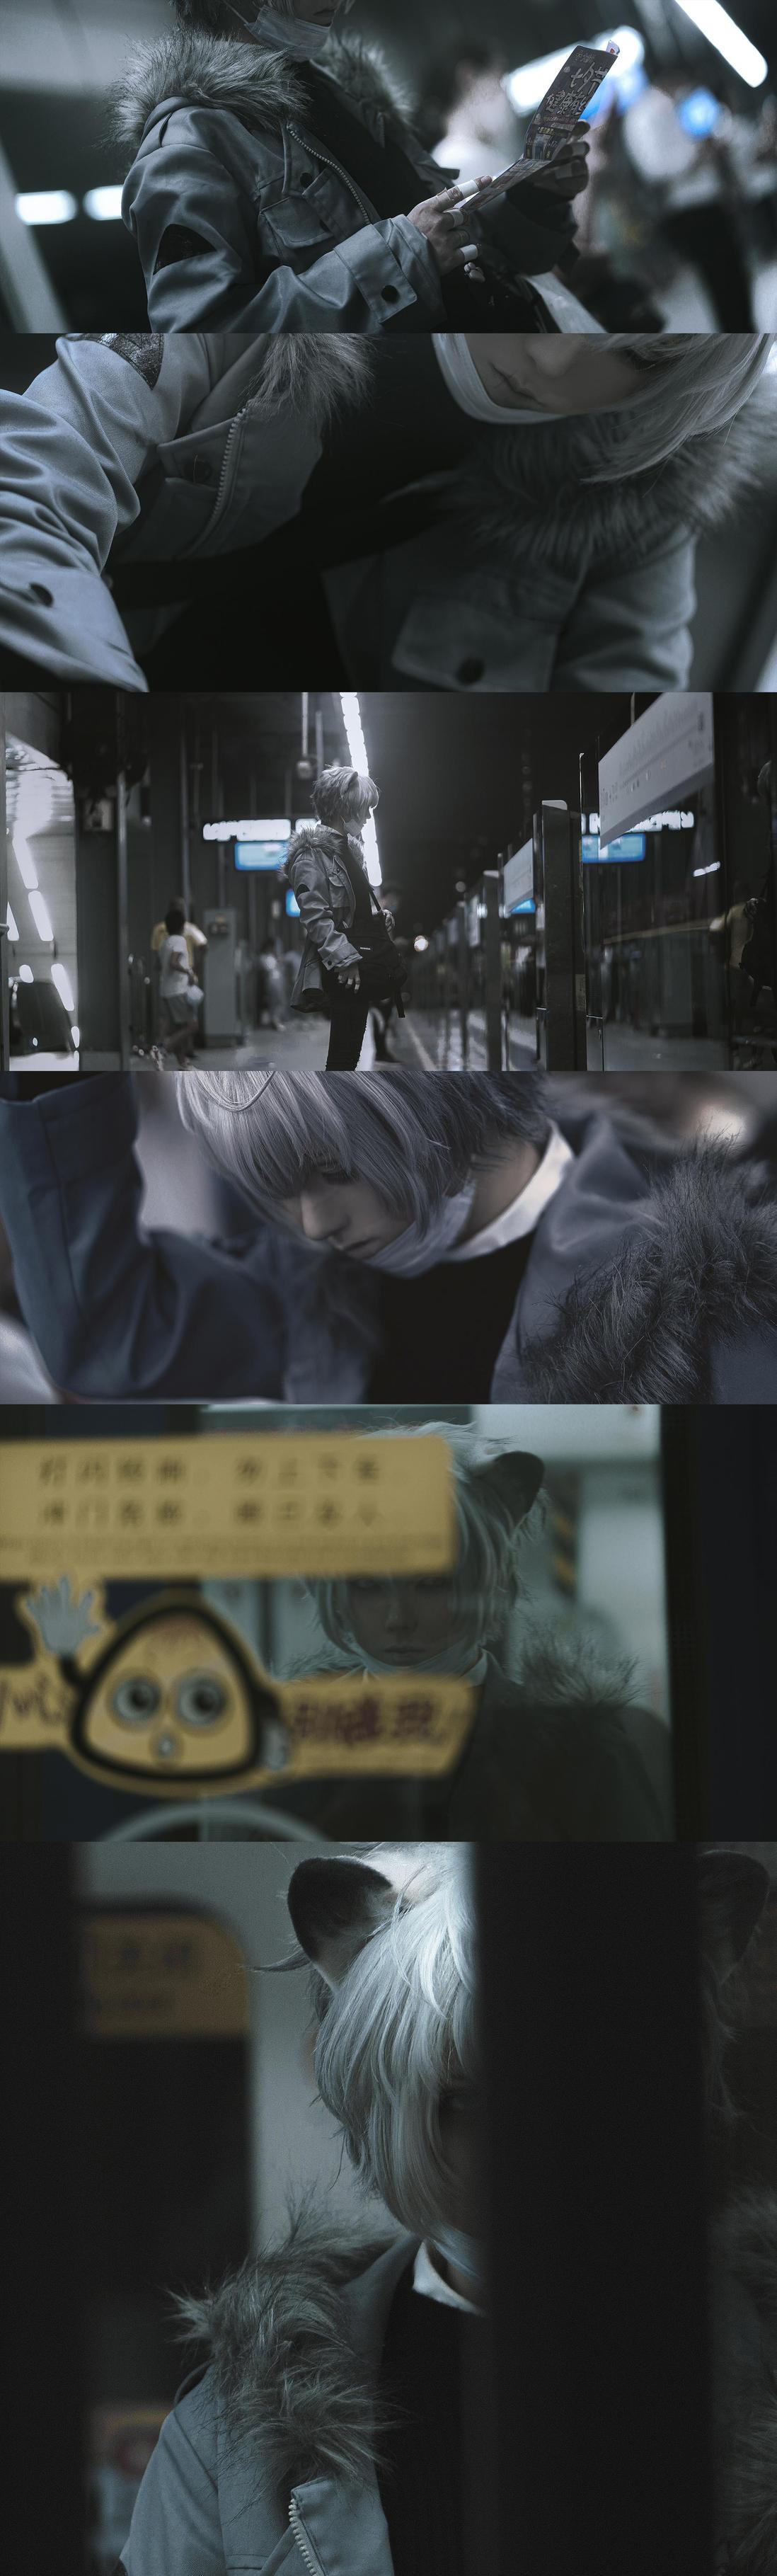 《明日方舟》正片cosplay【CN:鳅一刀】-第1张